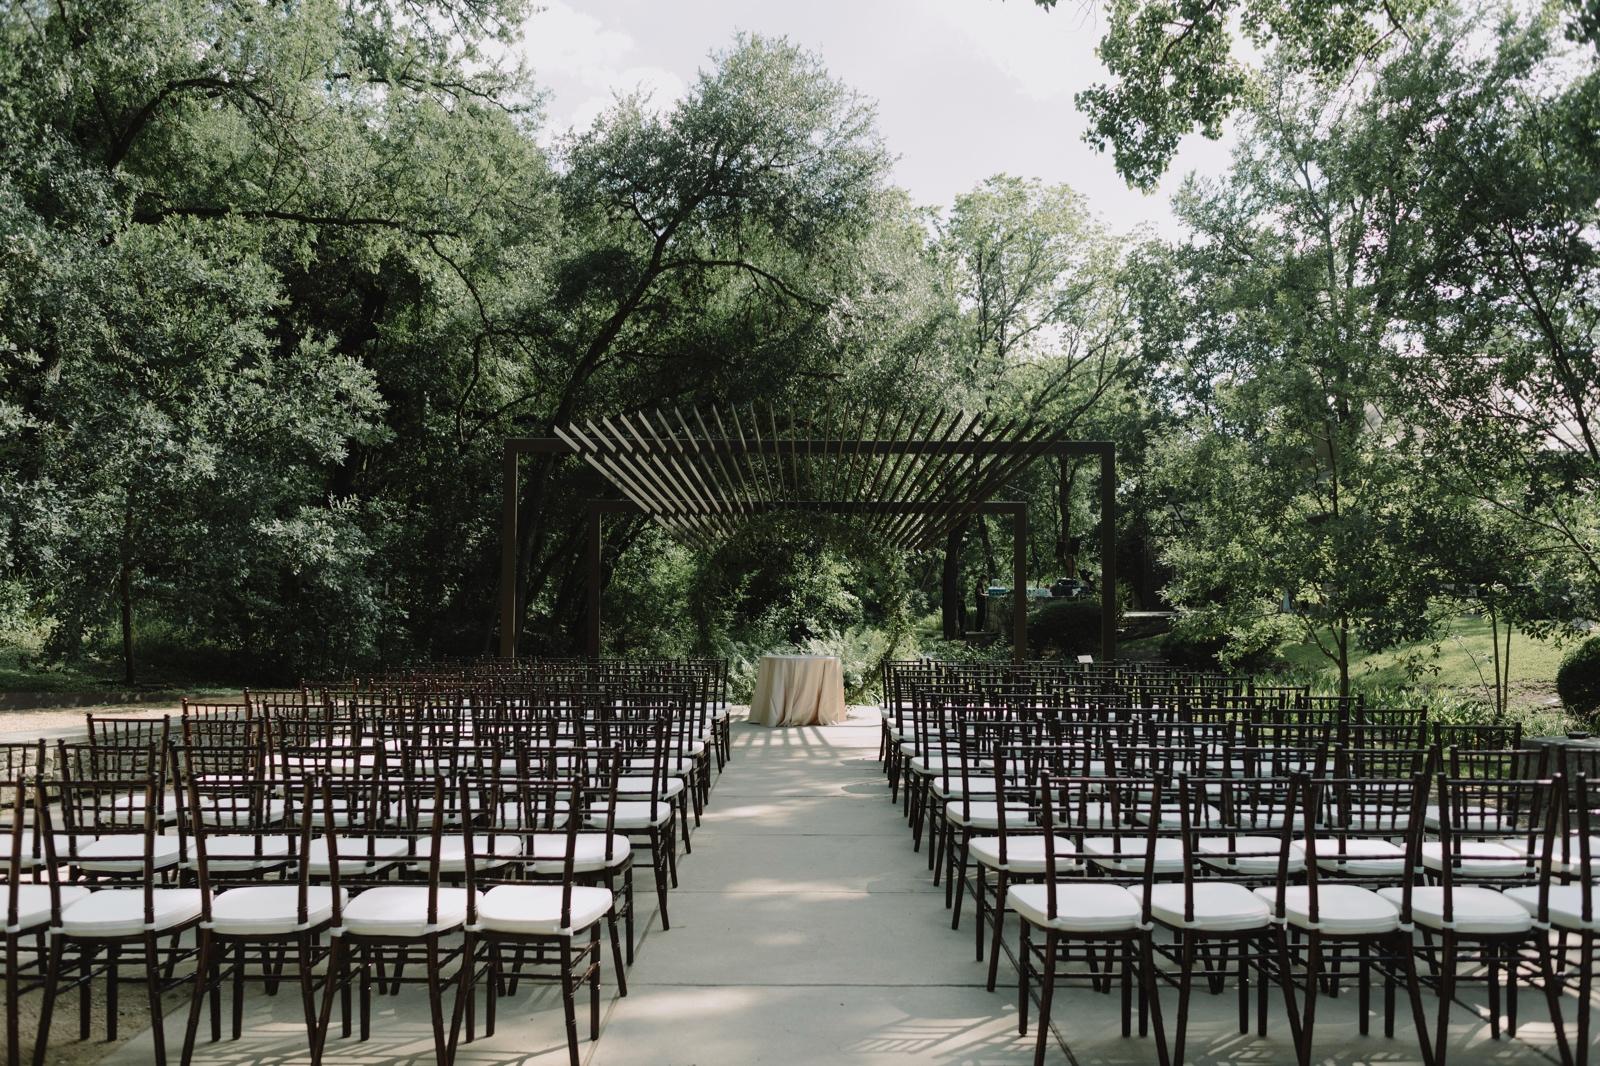 Umlauf Sculpture Garden wedding ceremony setup under the arbor with chevalier chairs